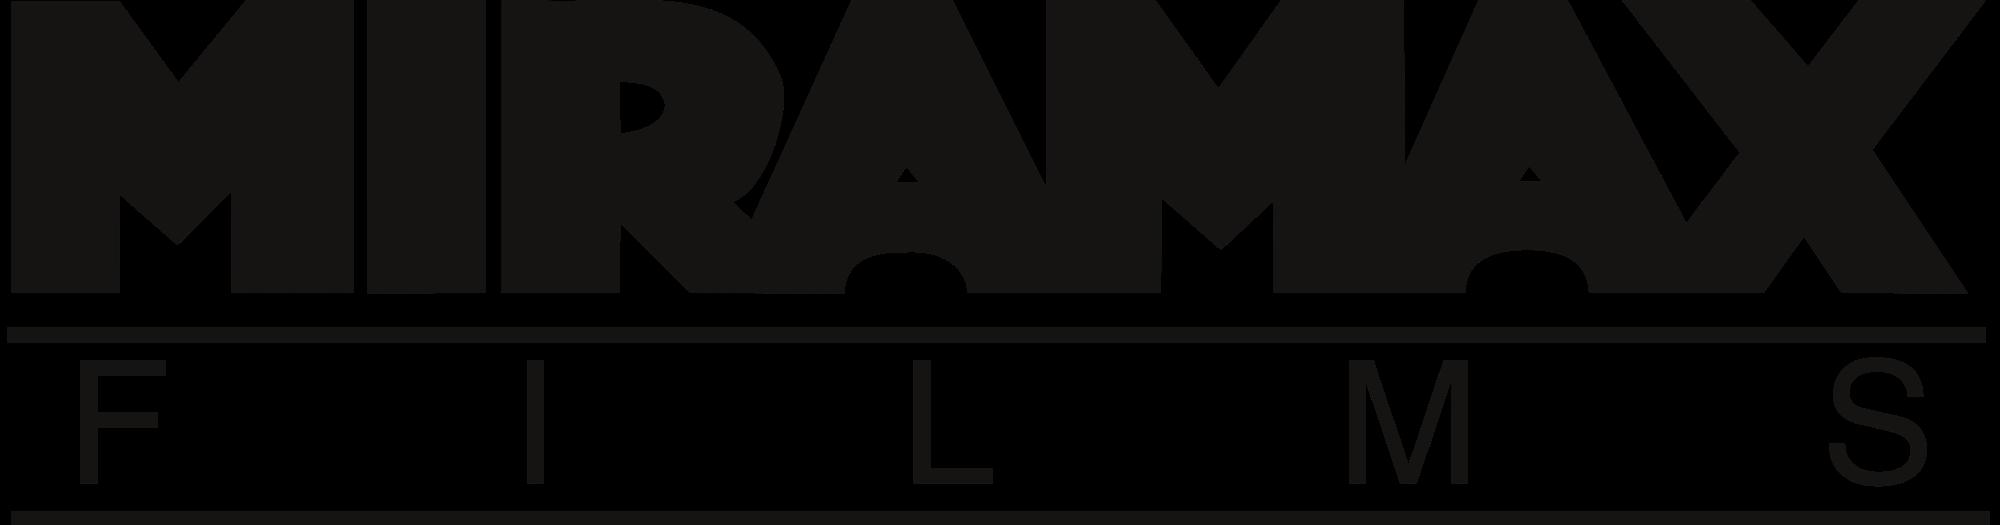 logo miramax disney